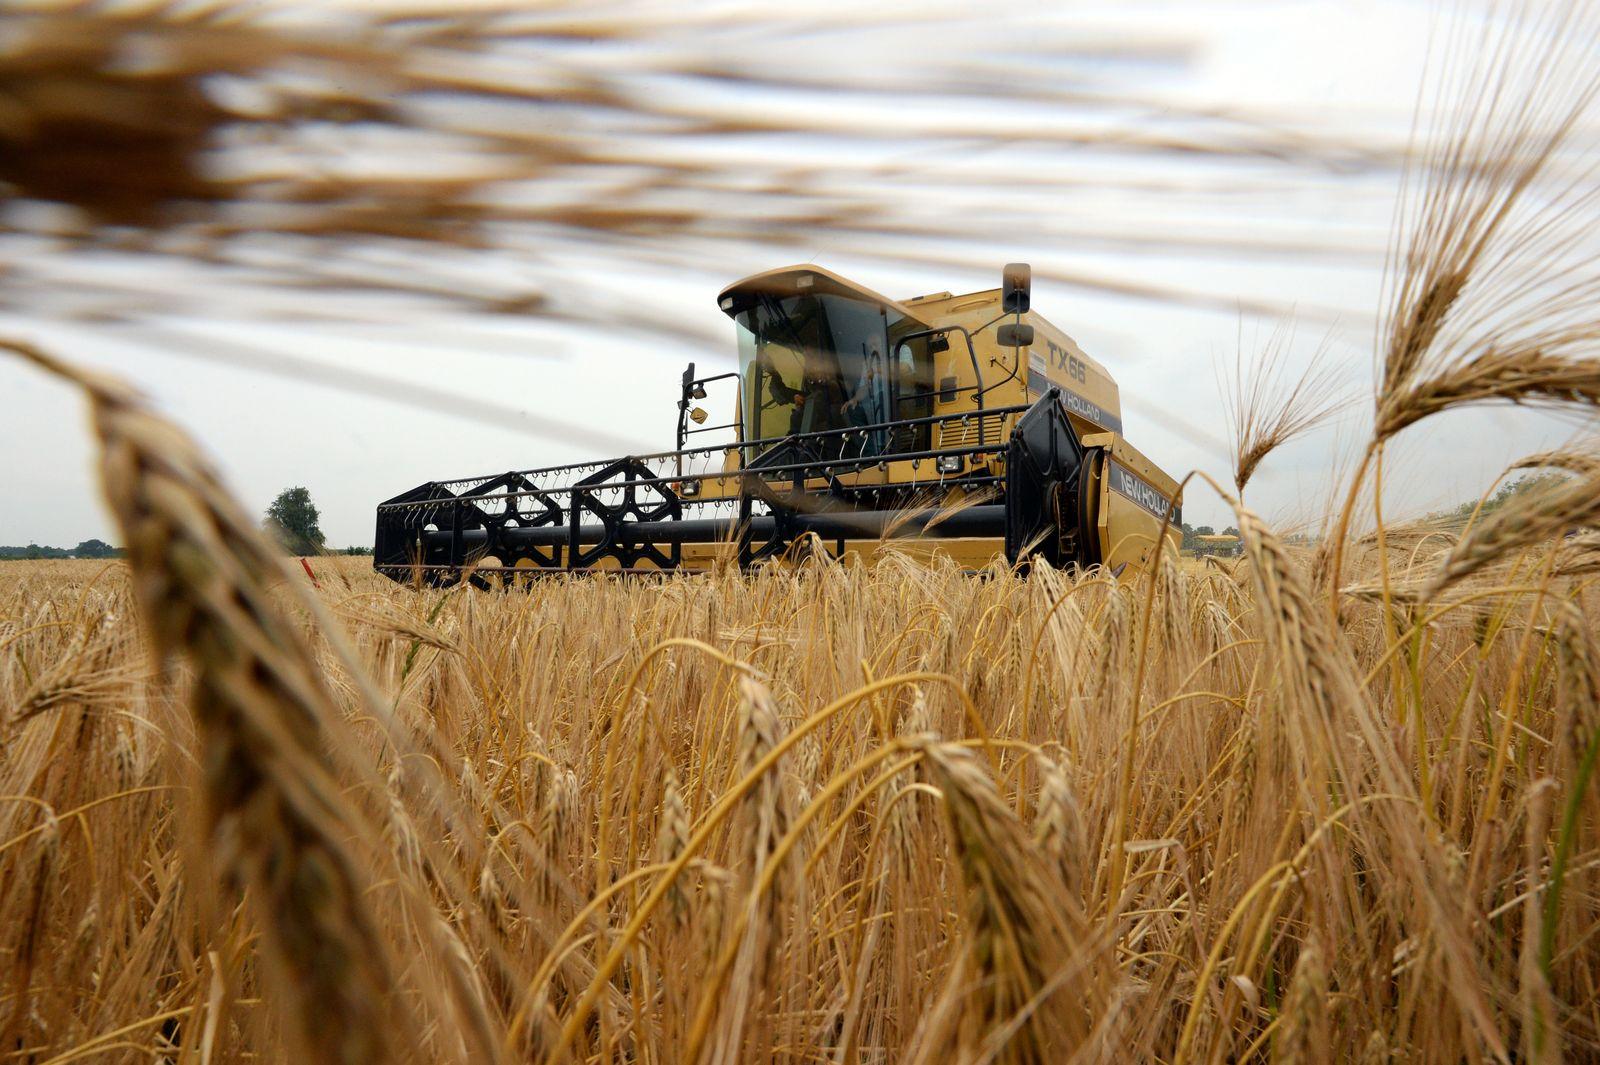 Getreideernte / Mähdrescher / EU-Agrarsubventionen / Agrarbetriebe